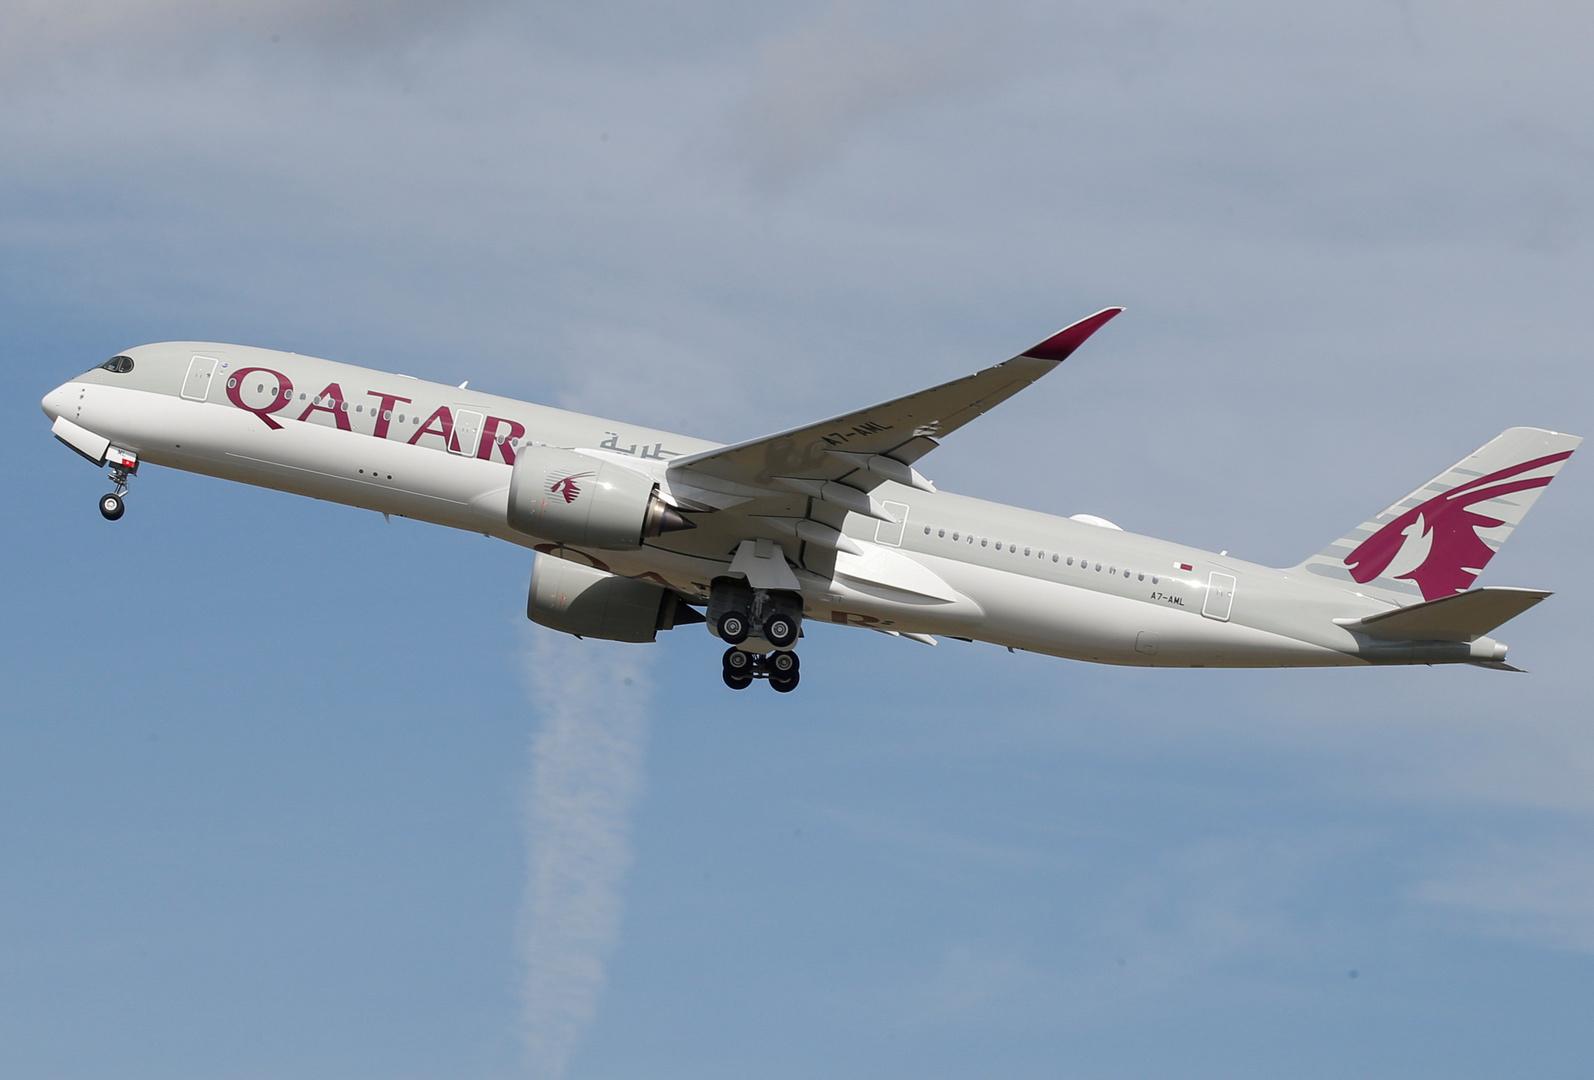 الخطوط الجوية القطرية تستأنف عددا من رحلاتها عبر الأجواء السعودية